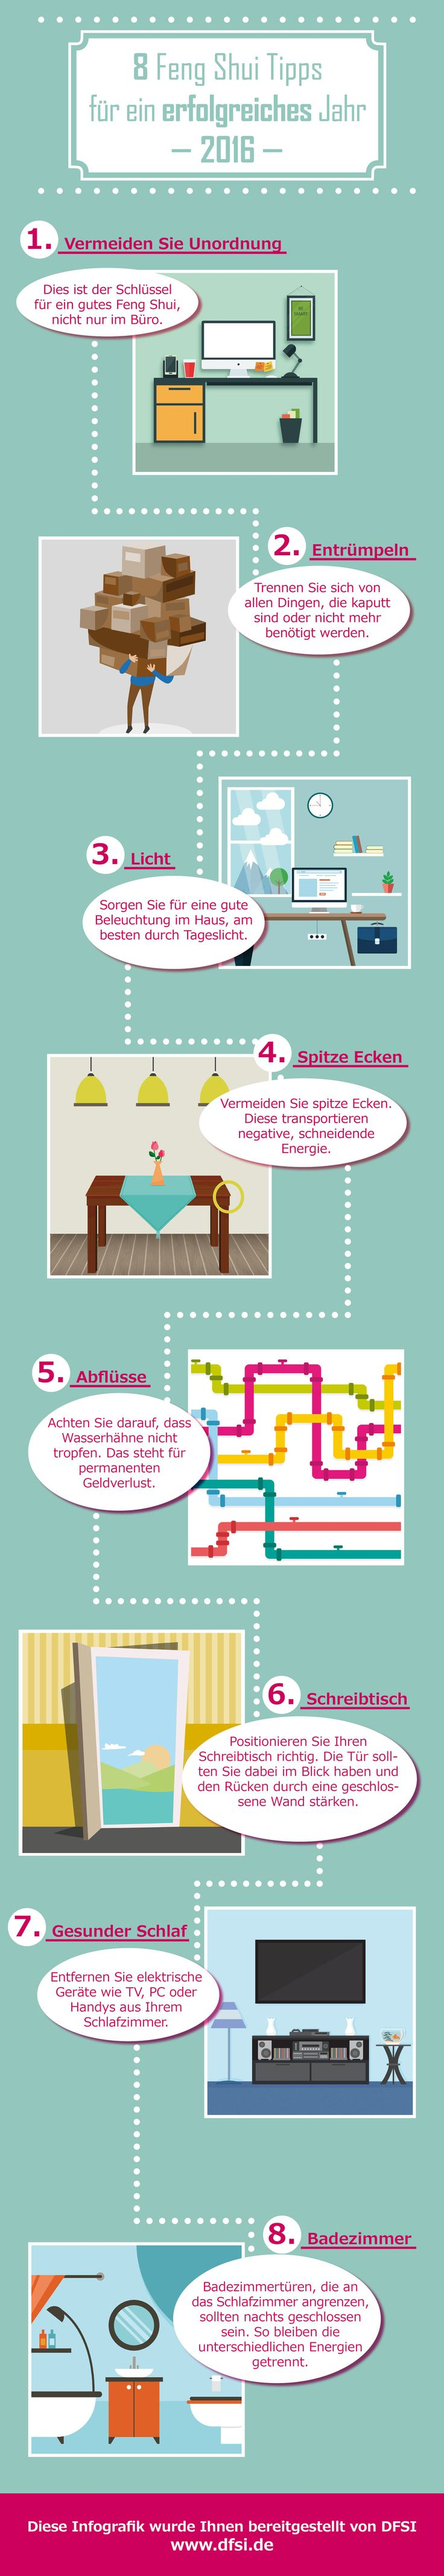 ber ideen zu erste eigene wohnung auf pinterest checkliste f r die erste wohnung. Black Bedroom Furniture Sets. Home Design Ideas